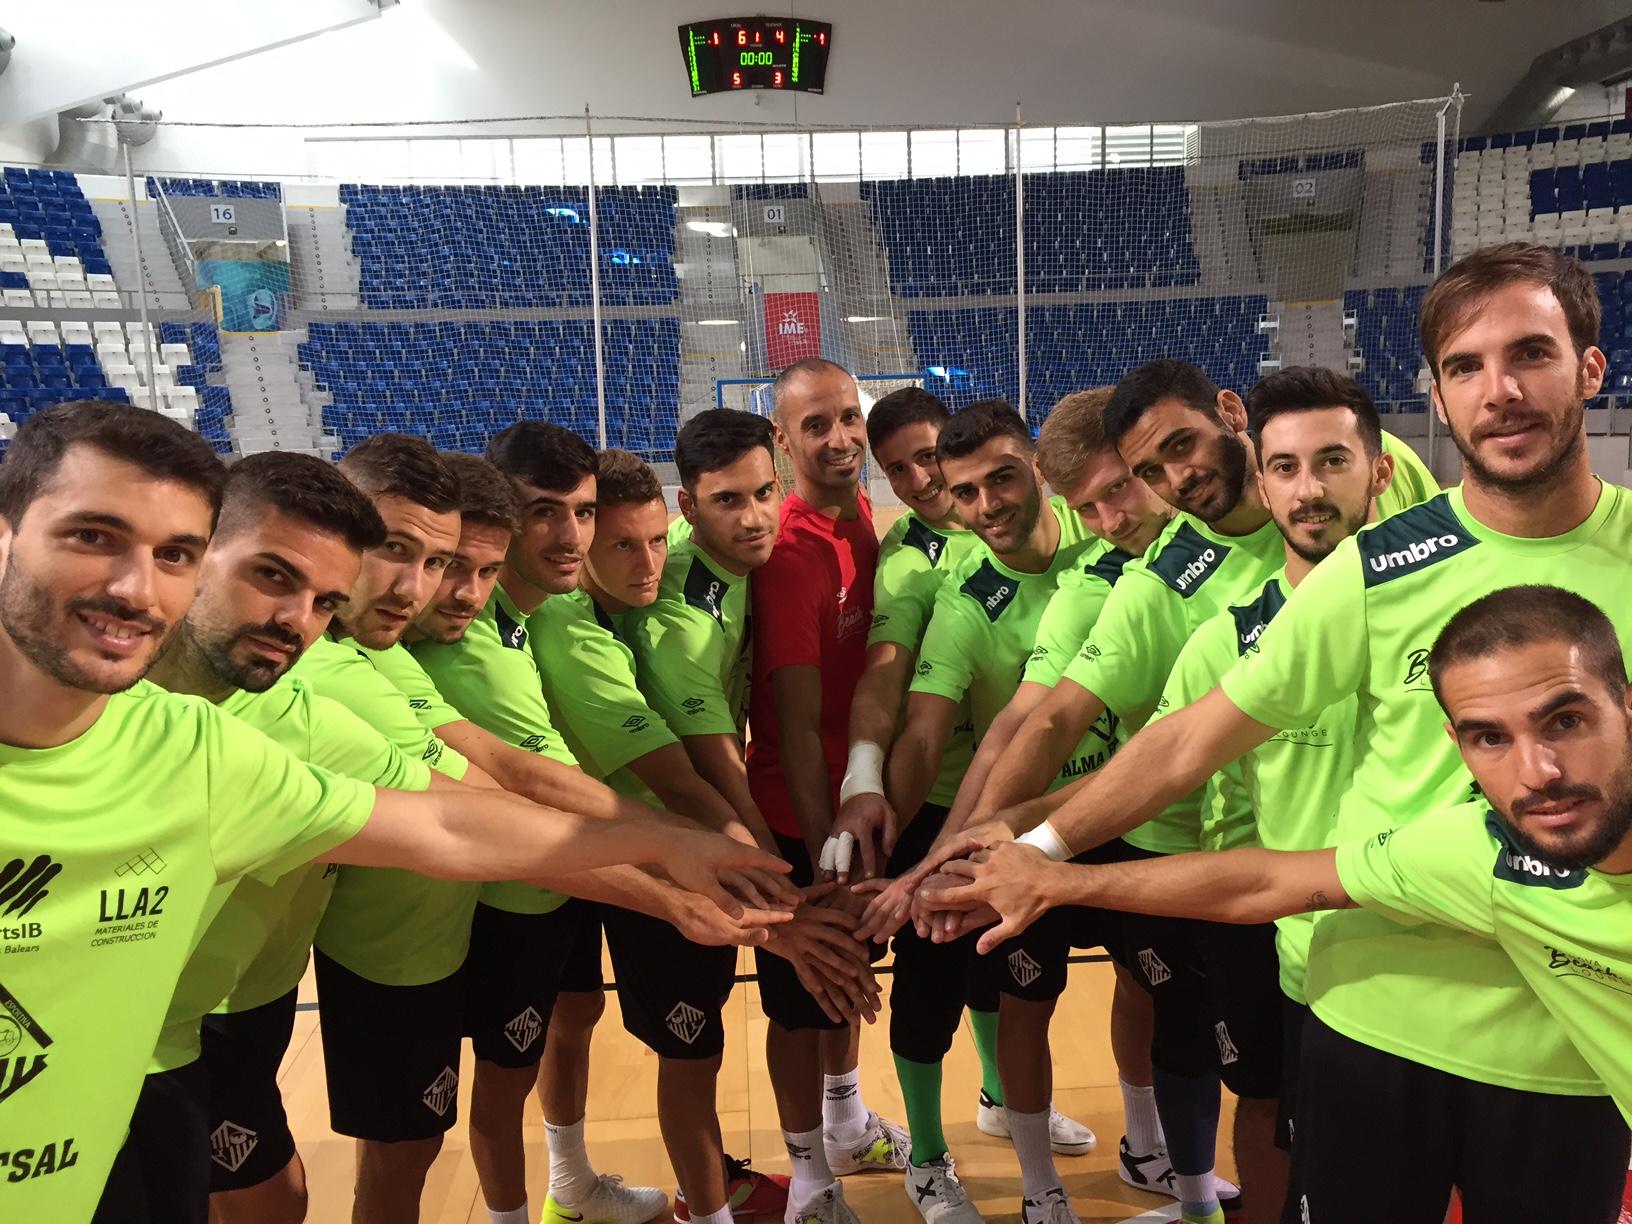 El Palma Futsal posa en Son Moix 1